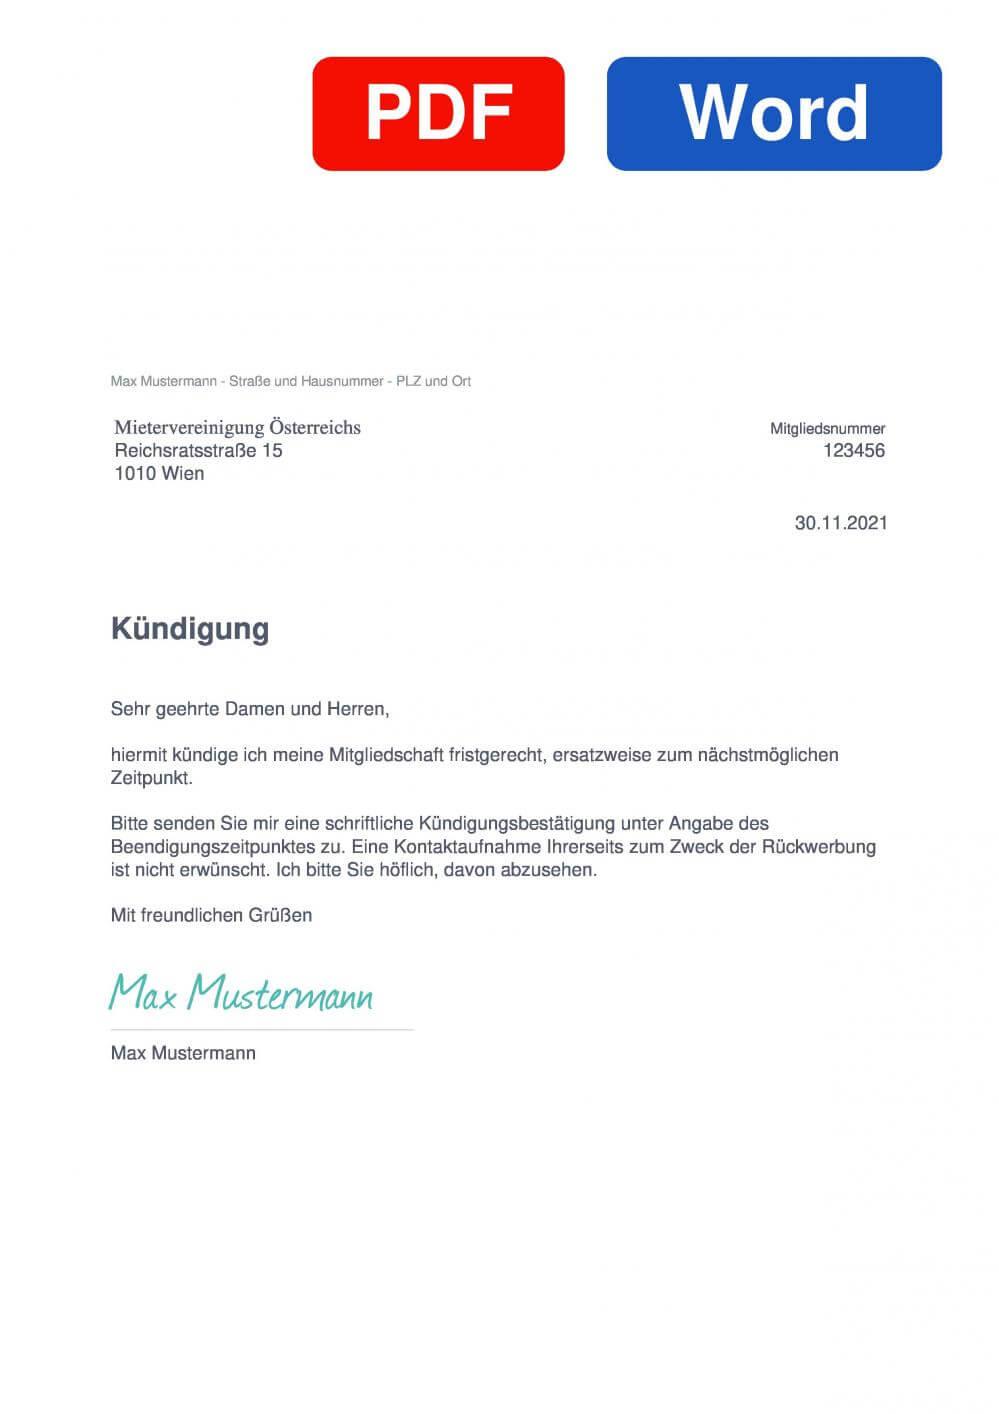 Mietervereinigung Wien Muster Vorlage für Kündigungsschreiben